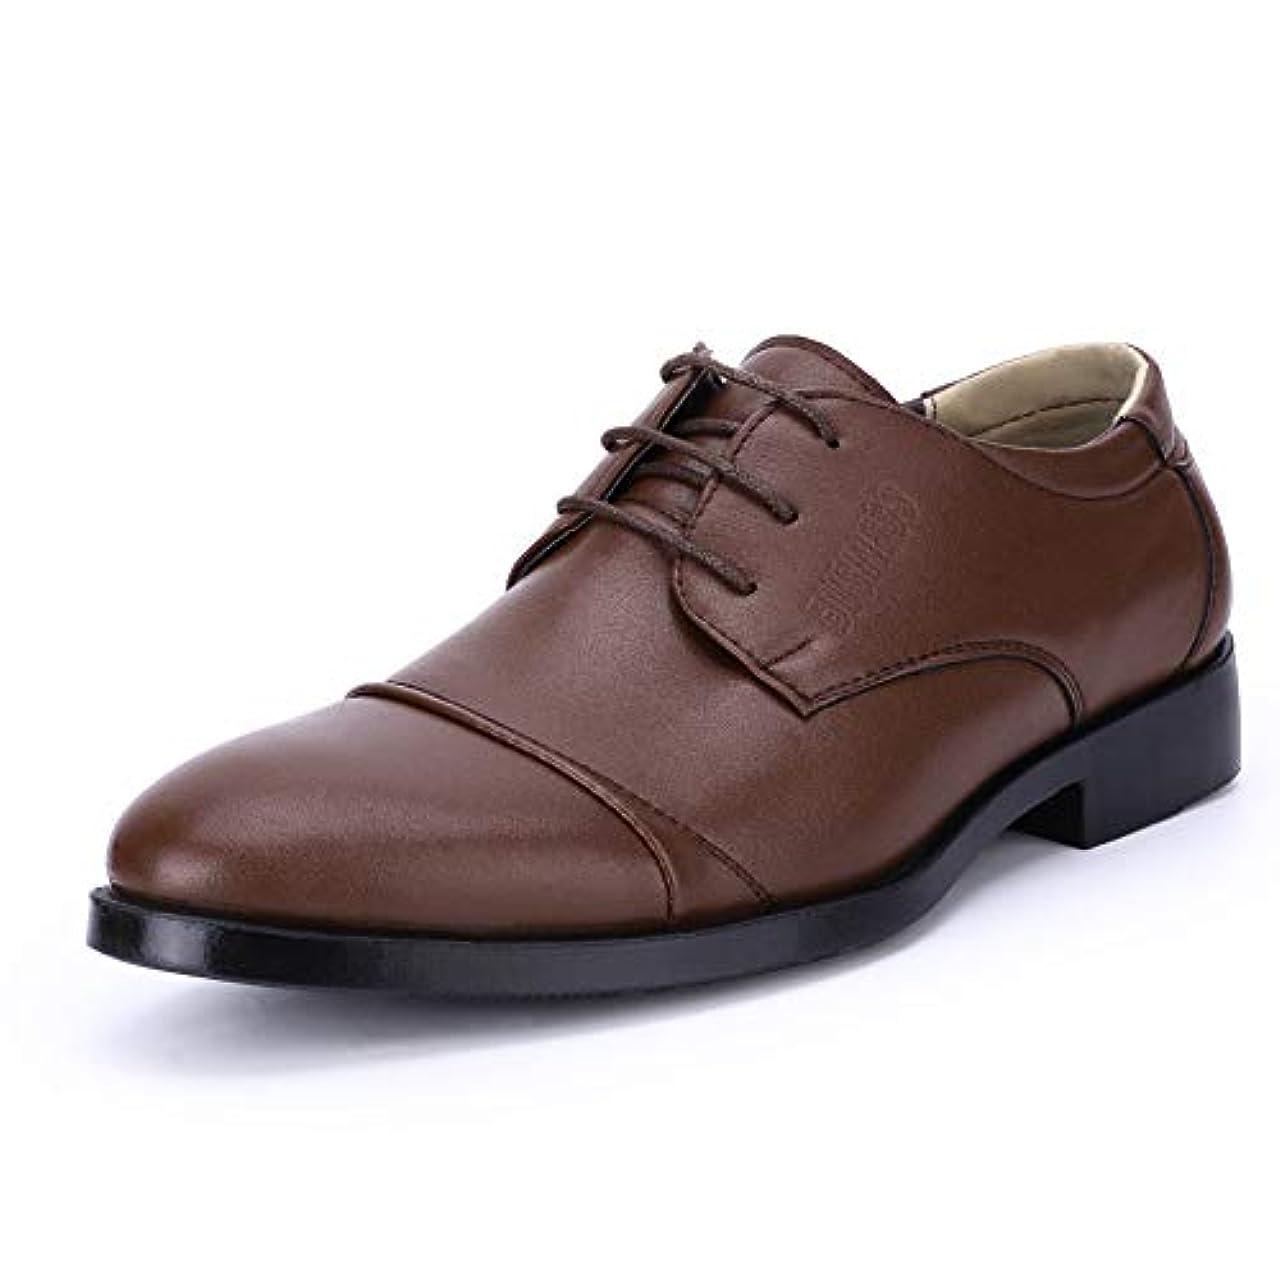 保全ガイダンス階ビジネスシューズ メンズ 紳士靴 革靴 ビジネス 冠婚葬祭 ストレートチップ レースアップ